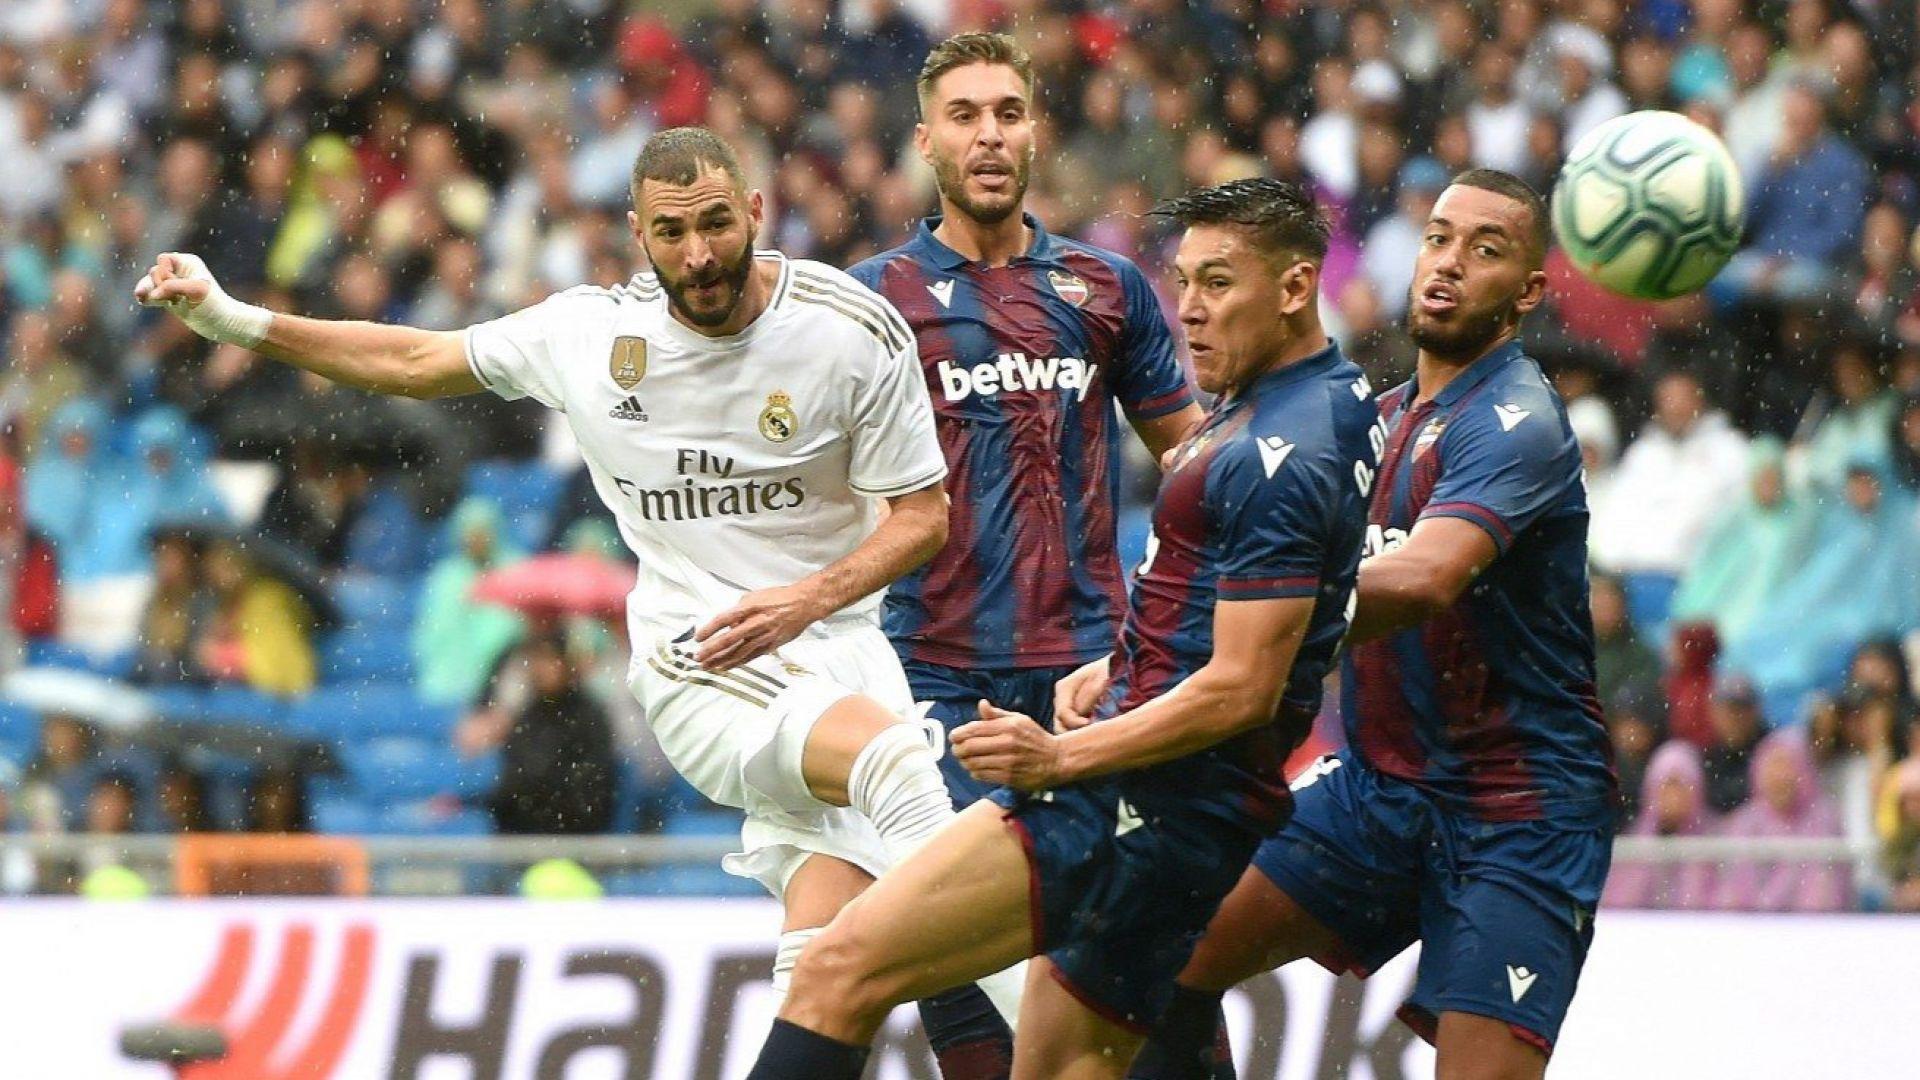 Реал впечатляващо се вдигна, но едва не се провали в спечелен мач